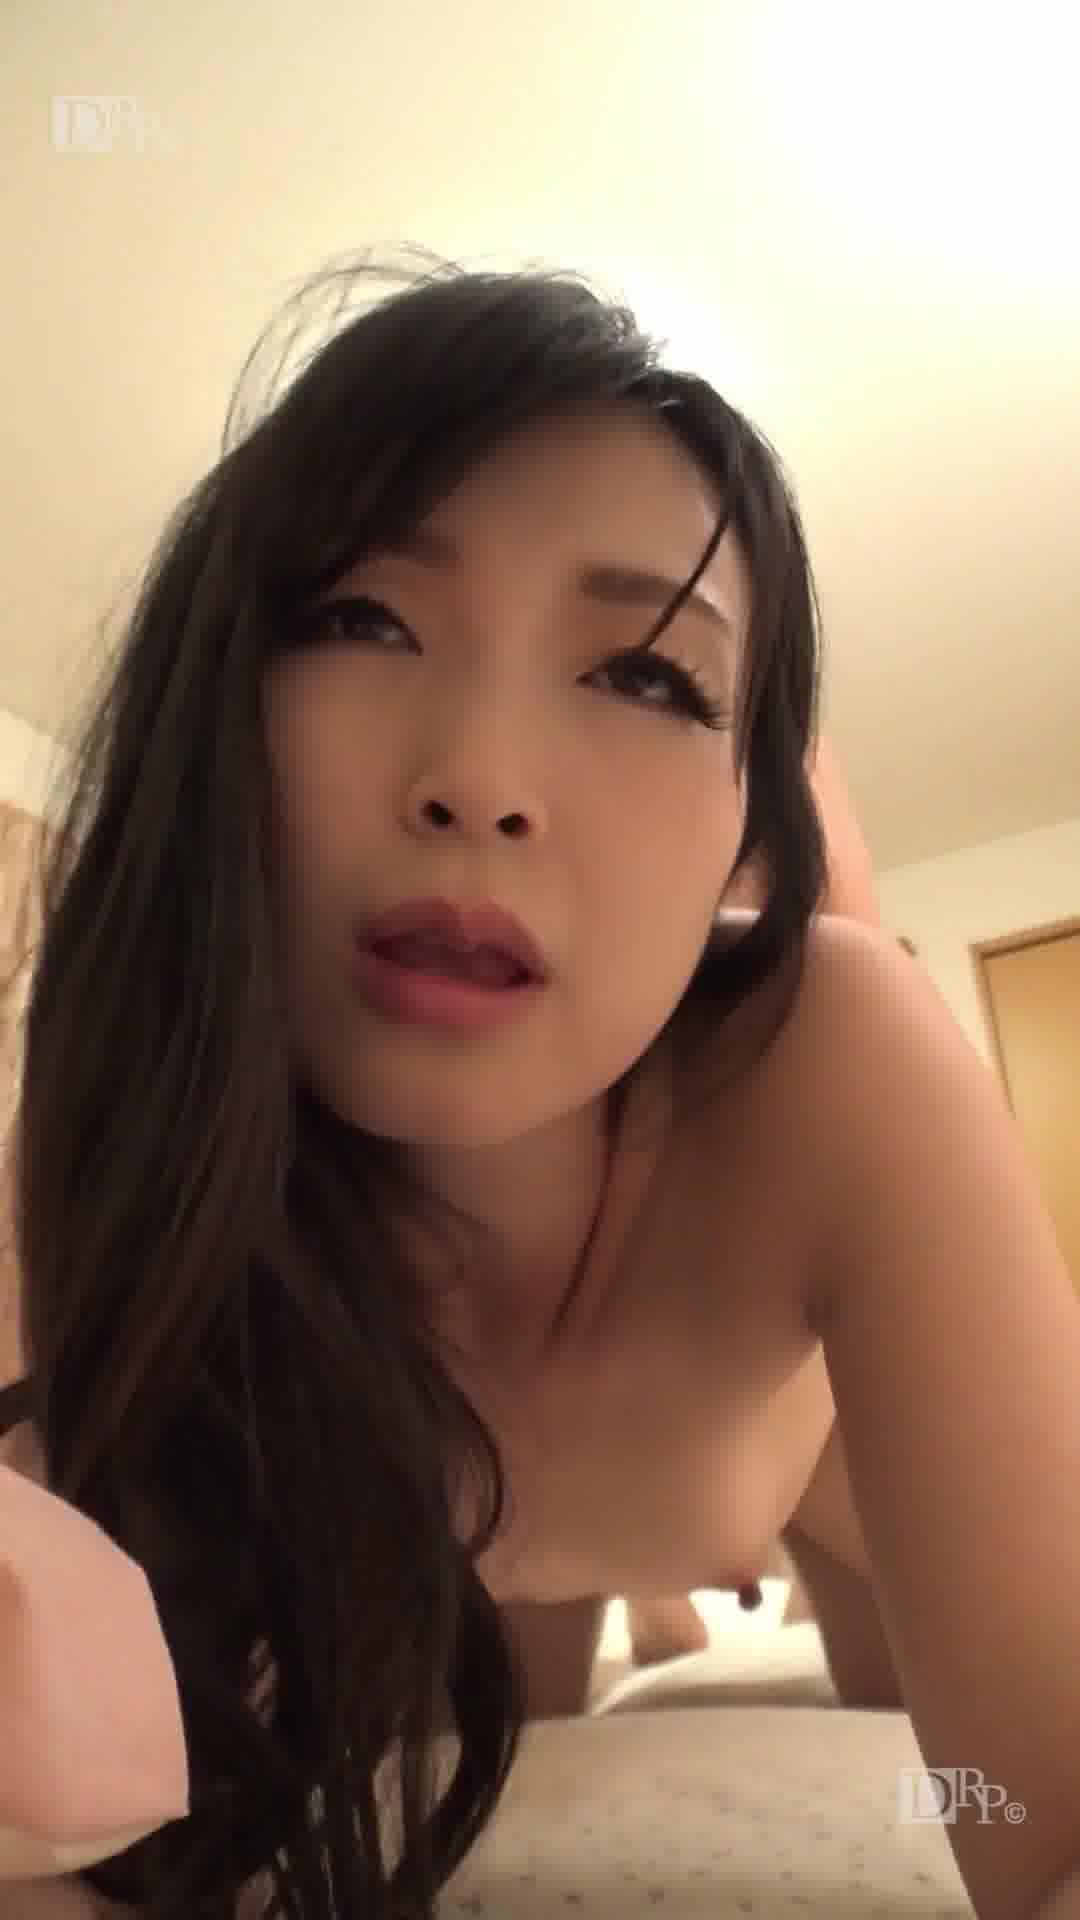 縦型動画 041 ~童顔熟女に迫られたい~ - 前沢小百合【美乳・手コキ・中出し】